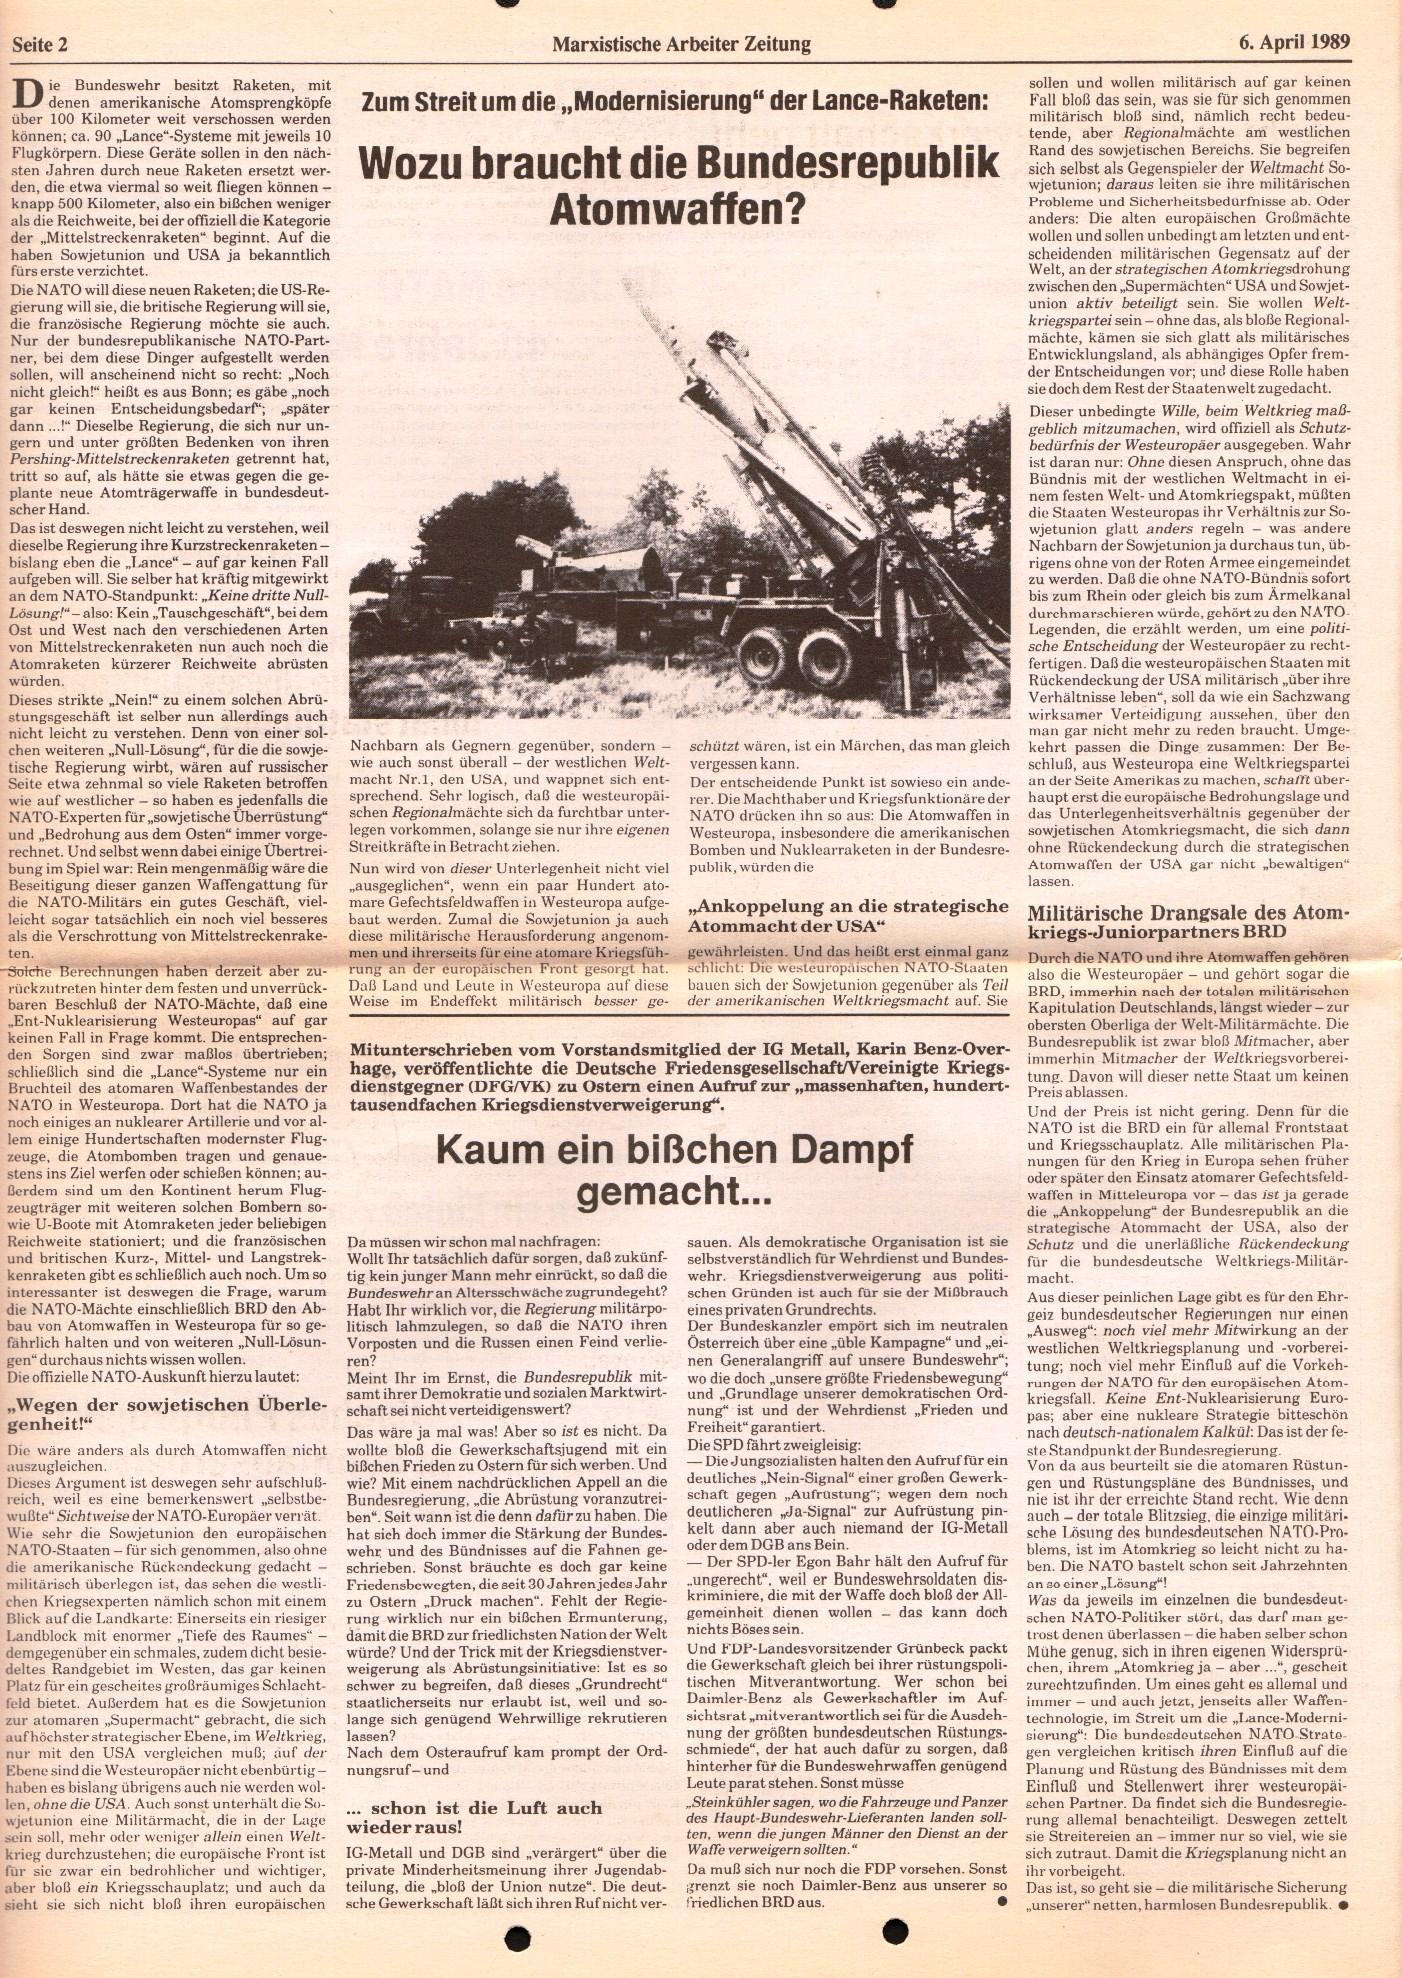 BW_MG_Marxistische_Arbeiterzeitung_19890406_02